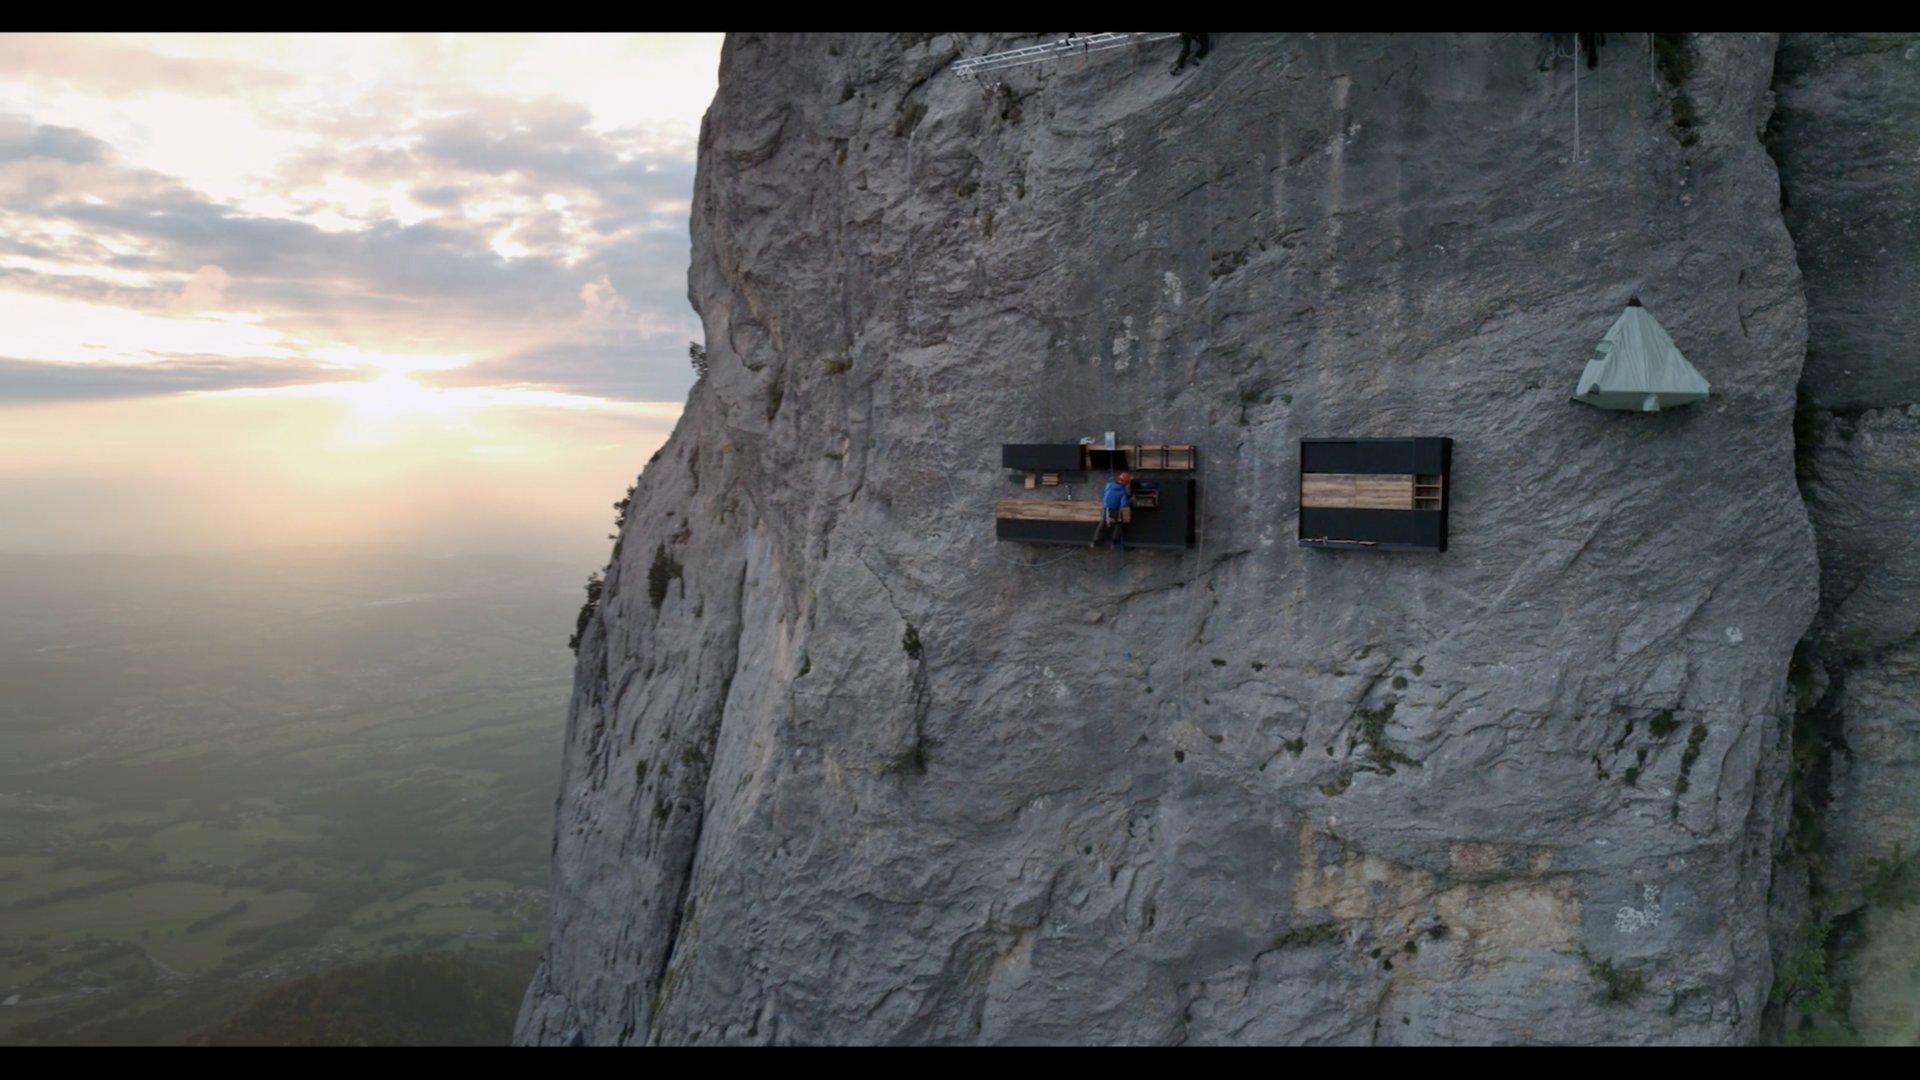 Vertical Home - Cuisine et dressing dans un paysage de montagne